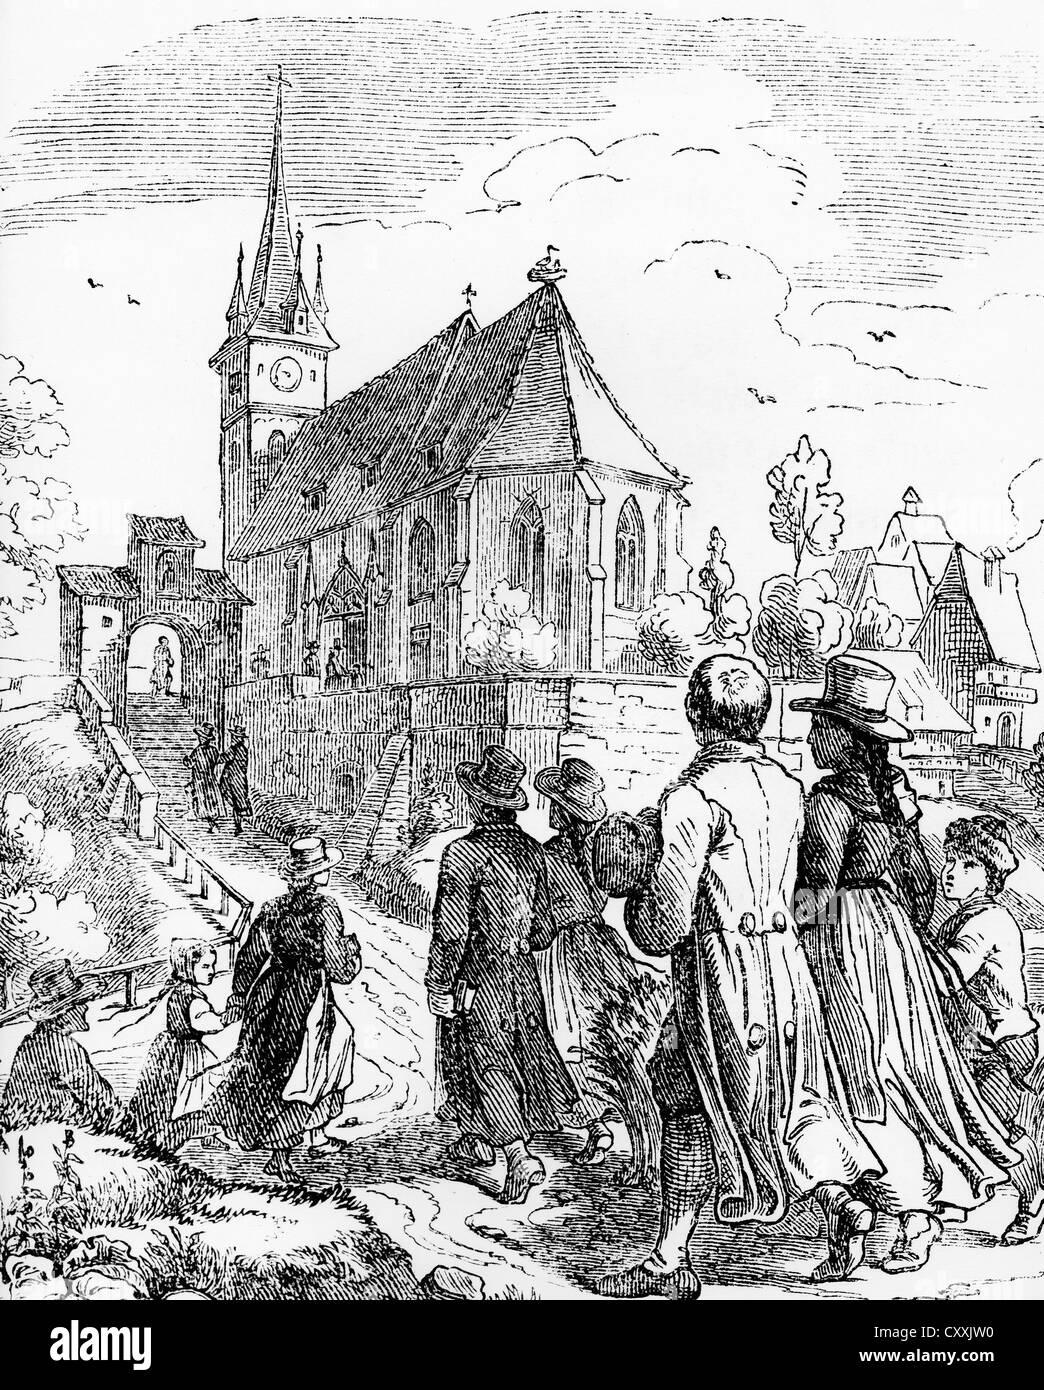 A Igreja vai em um domingo, xilogravura, c. 1900 Imagens de Stock